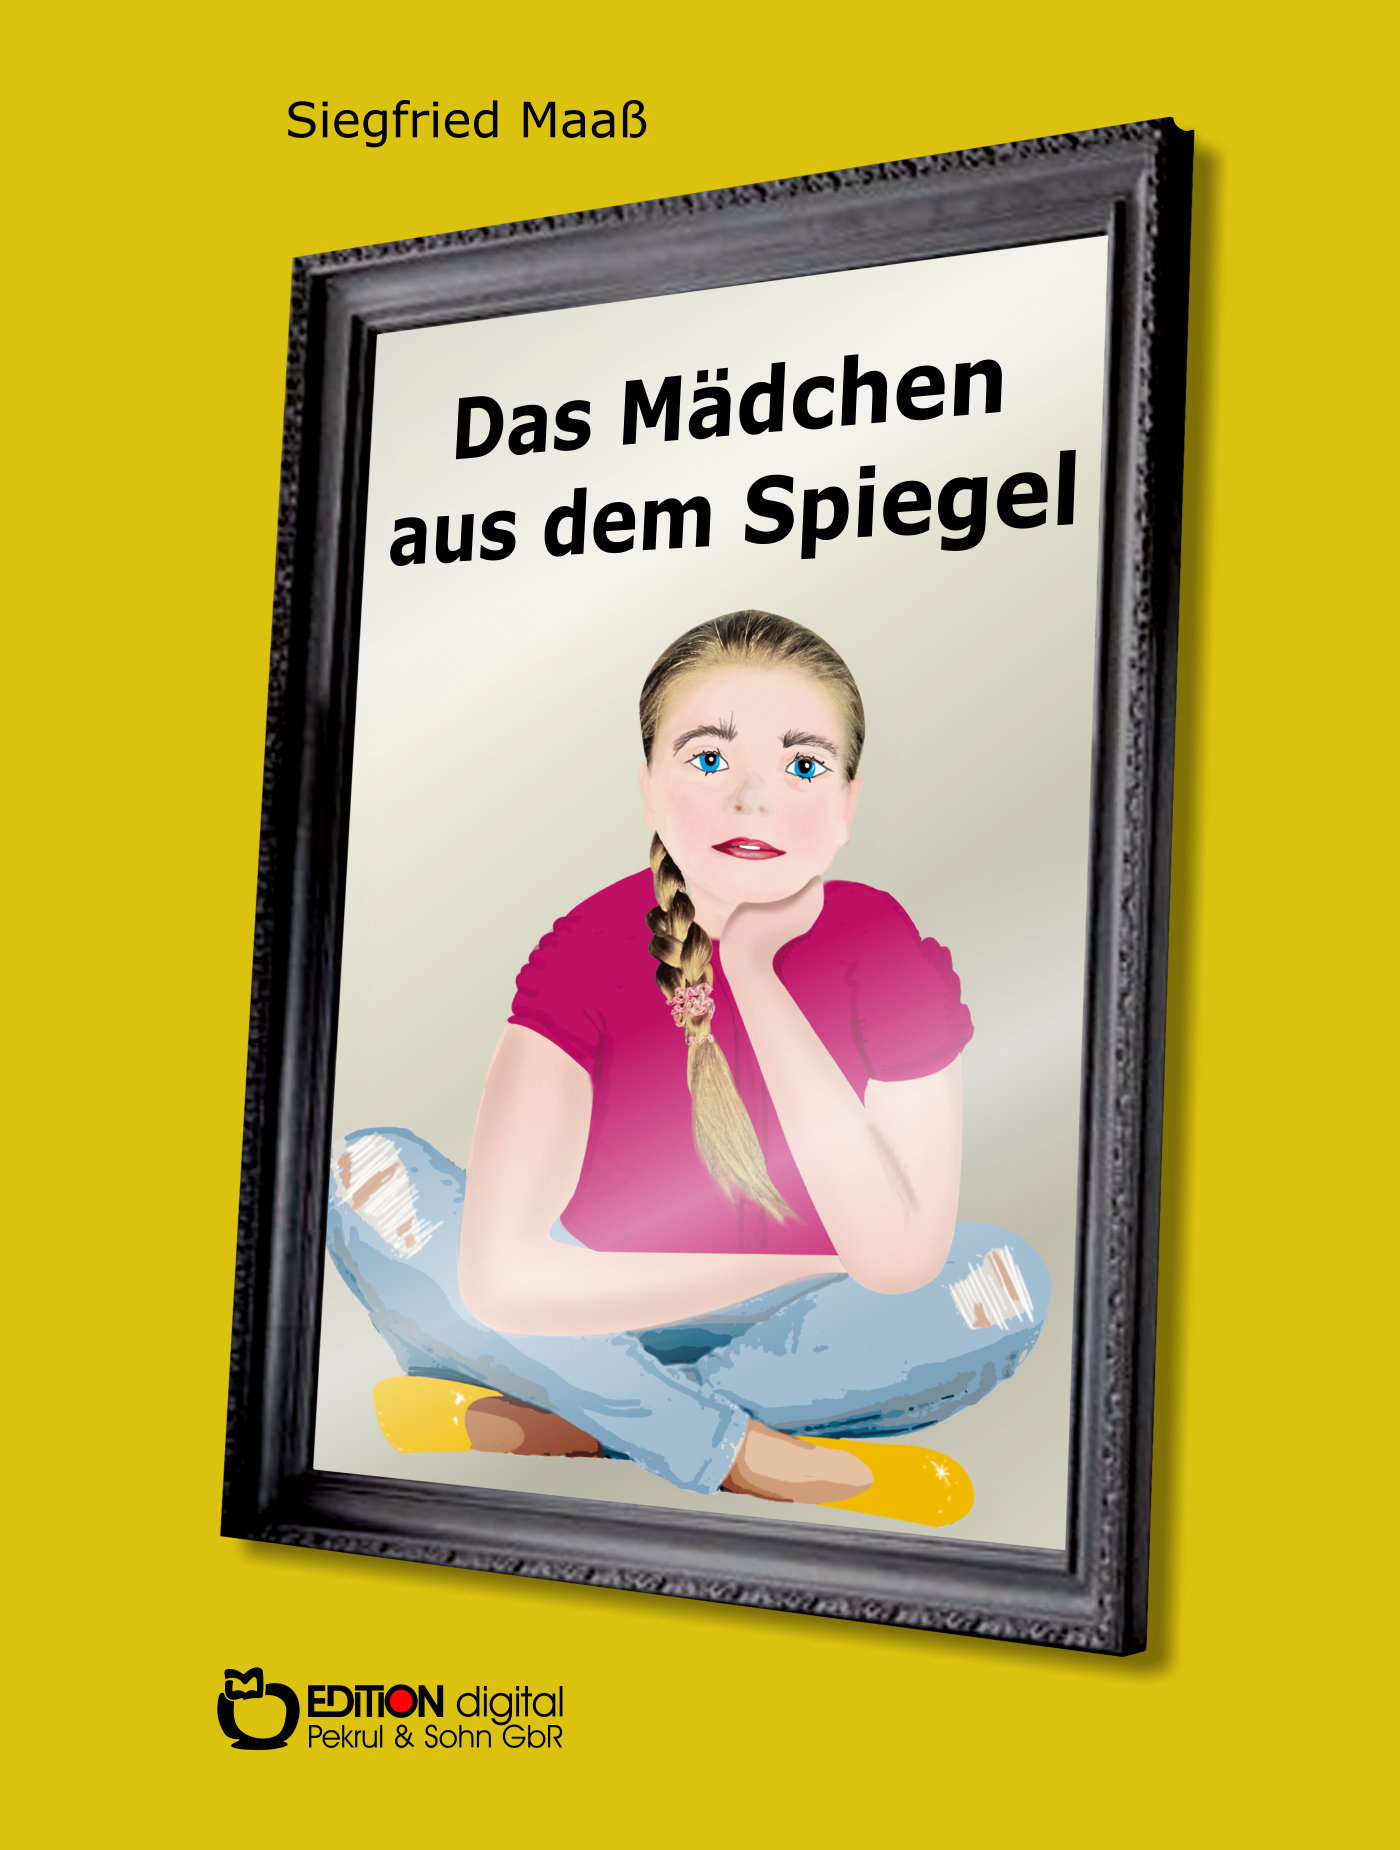 Das Mädchen aus dem Spiegel von Siegfried Maaß